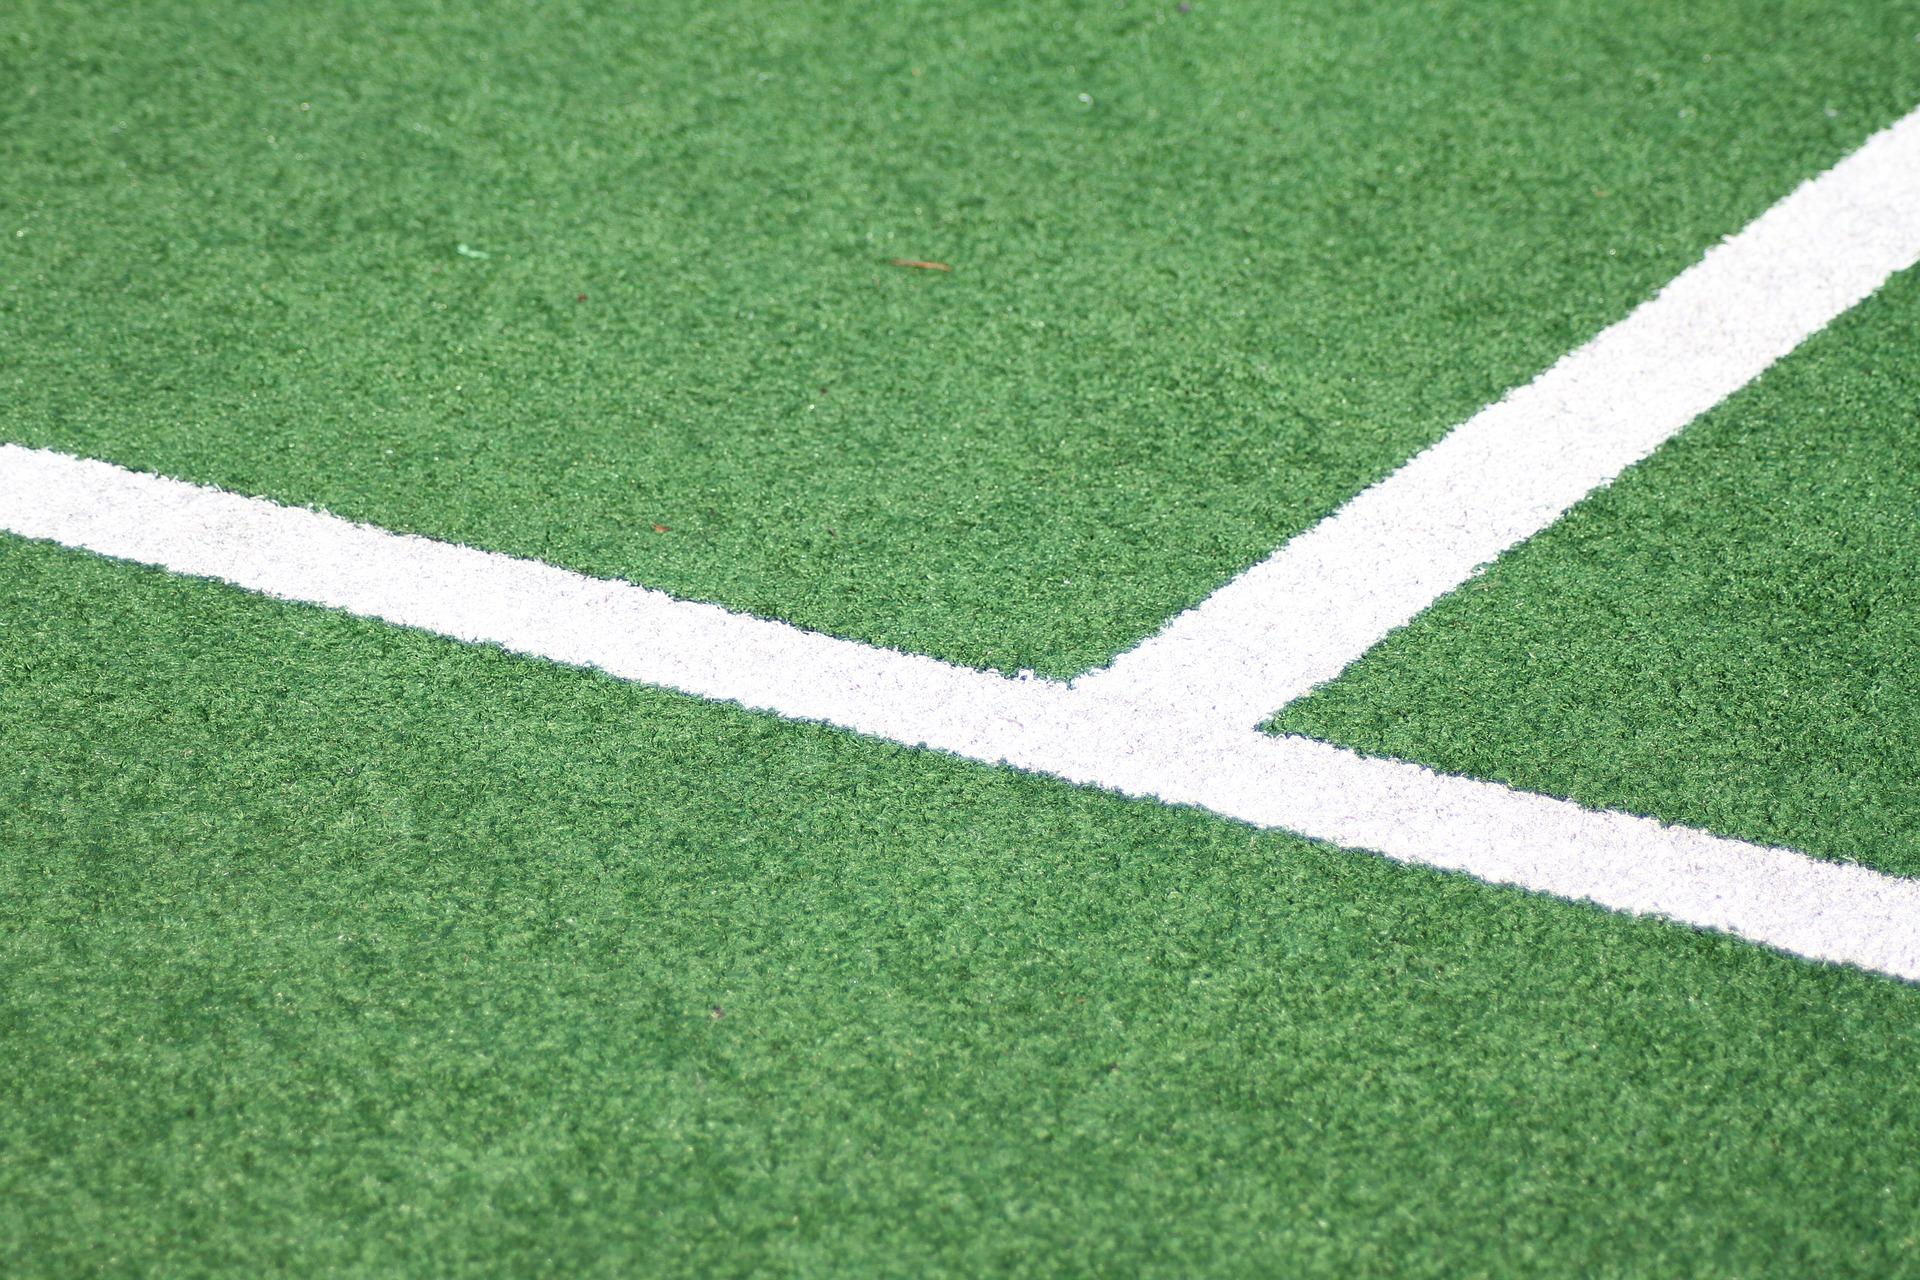 Stručná pravidla pozemního hokeje